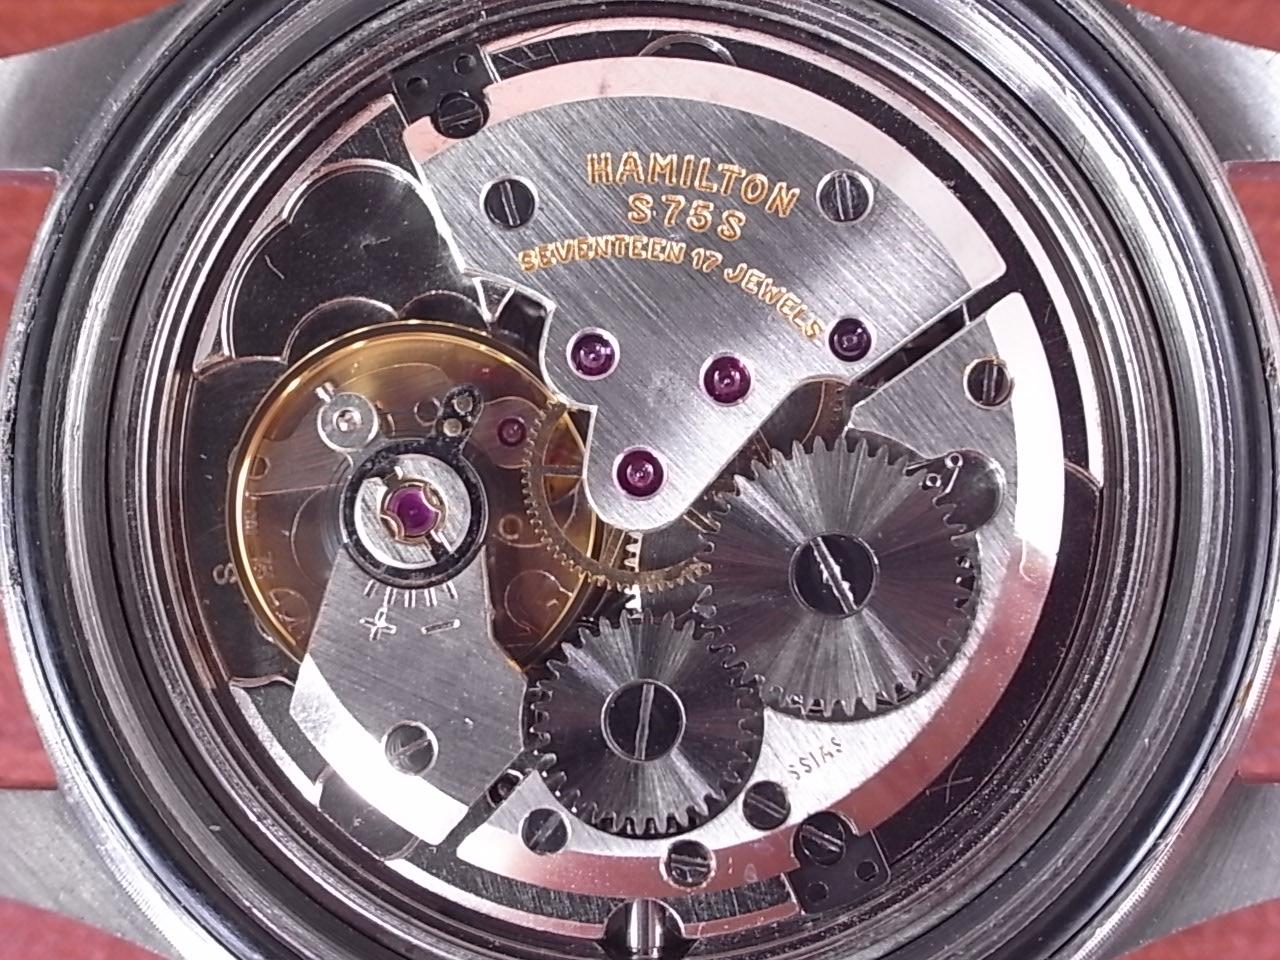 ハミルトン G.S. トロピカライズド ミリタリースペック 1960年代の写真5枚目